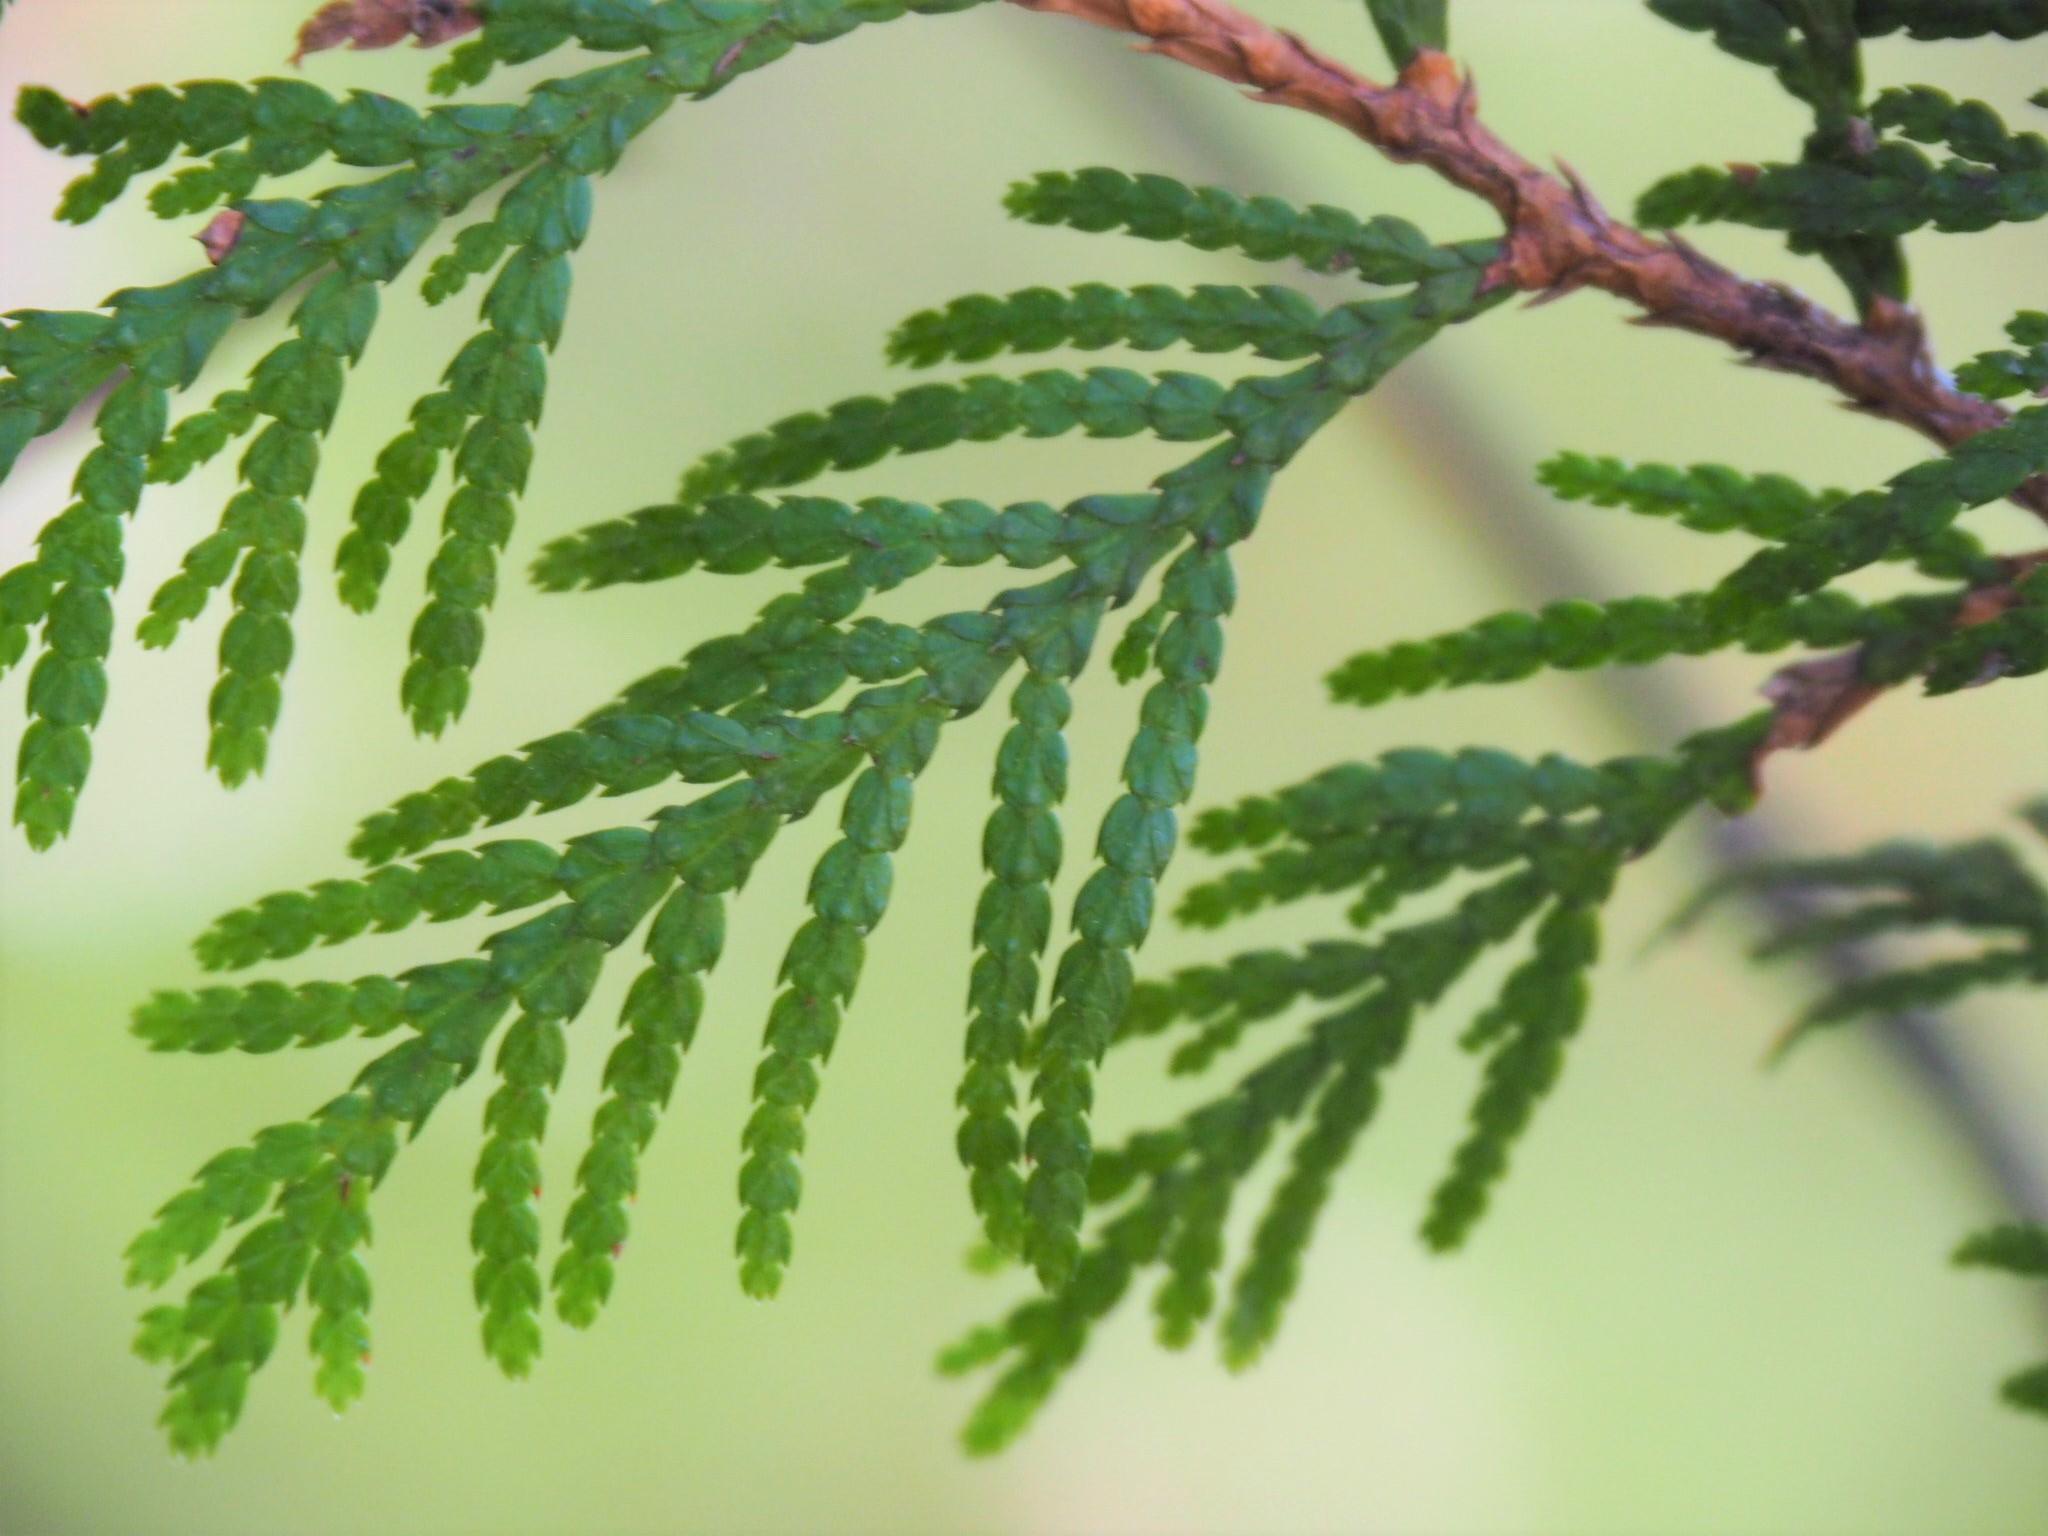 Scale-like foliage of Western red cedar (Chie Iida)